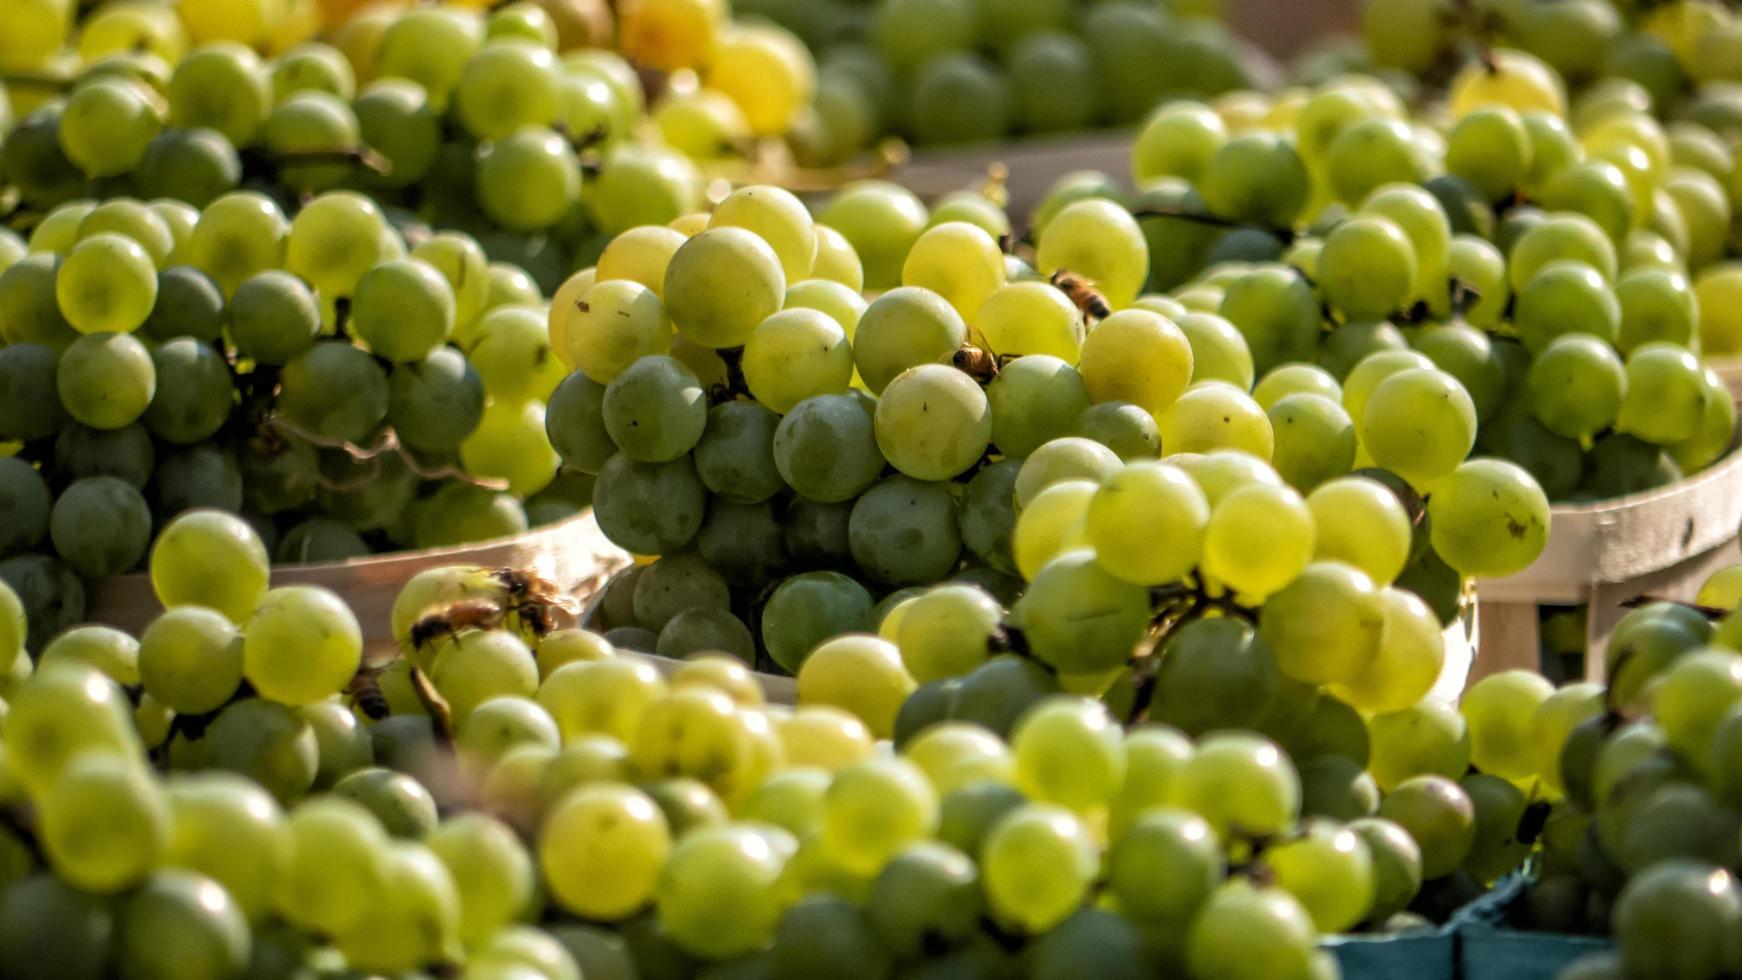 närbild av gröna druvor på en marknadsplats foto